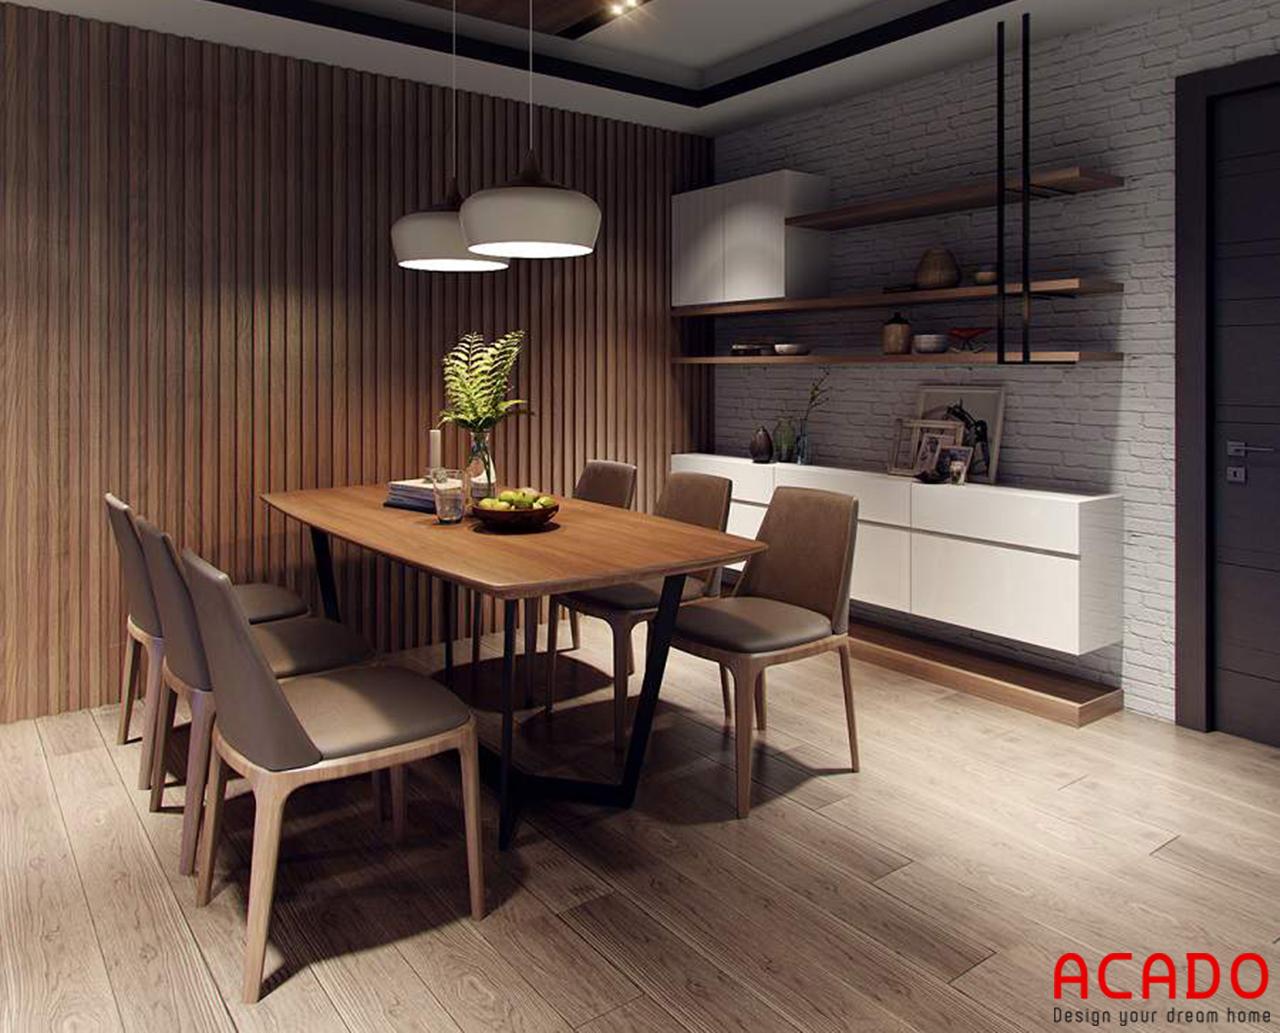 Bộ bàn ăn gọn gàng, thiết kế nội thất chung cư 60m2 - nội thất ACADO